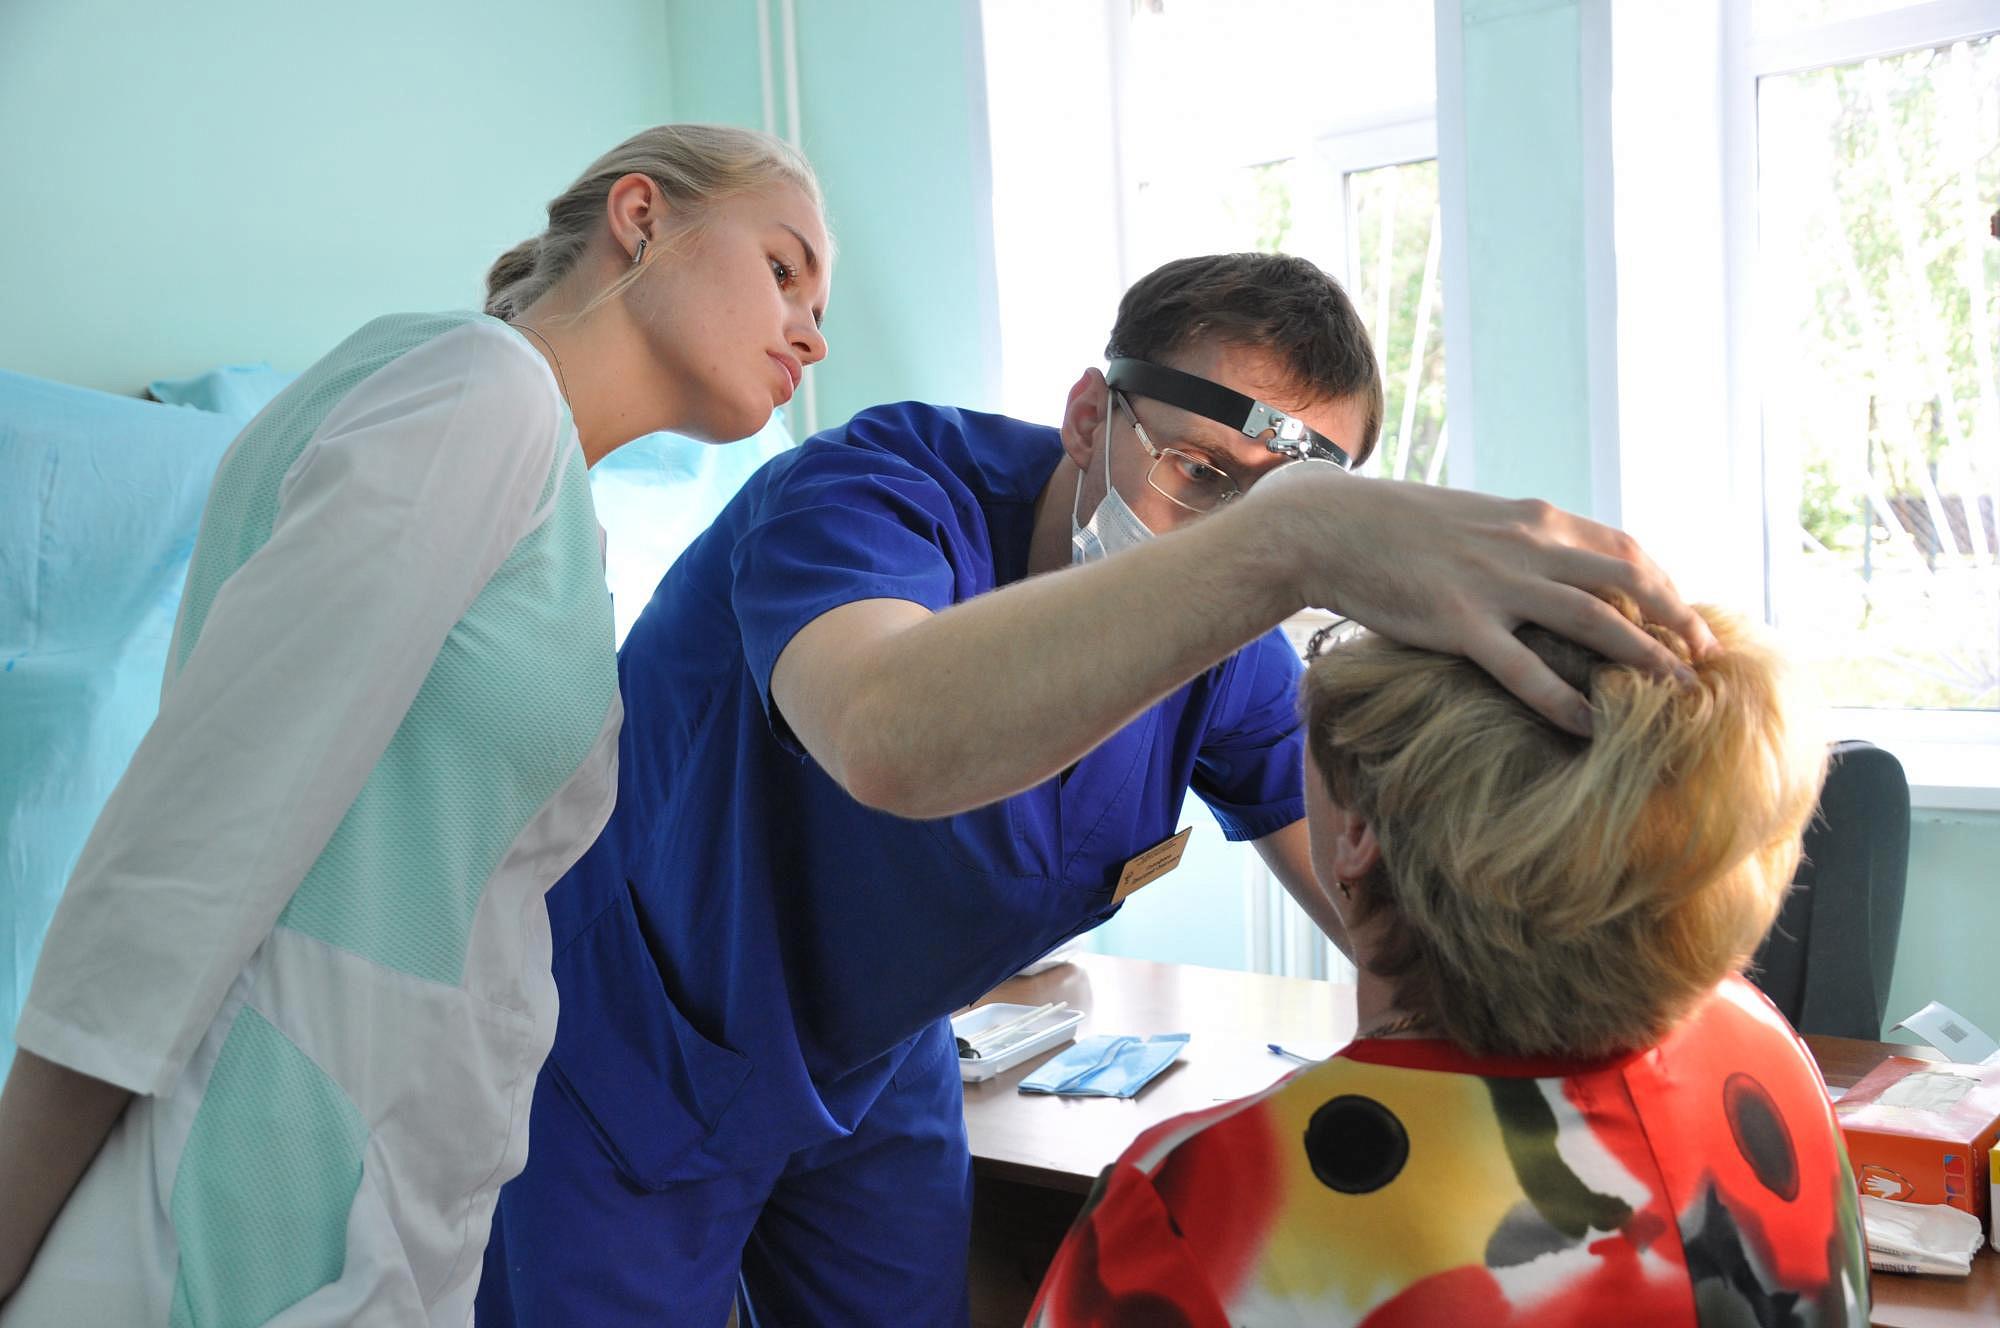 В Новороссийске онкологи проверят всем желающим горло